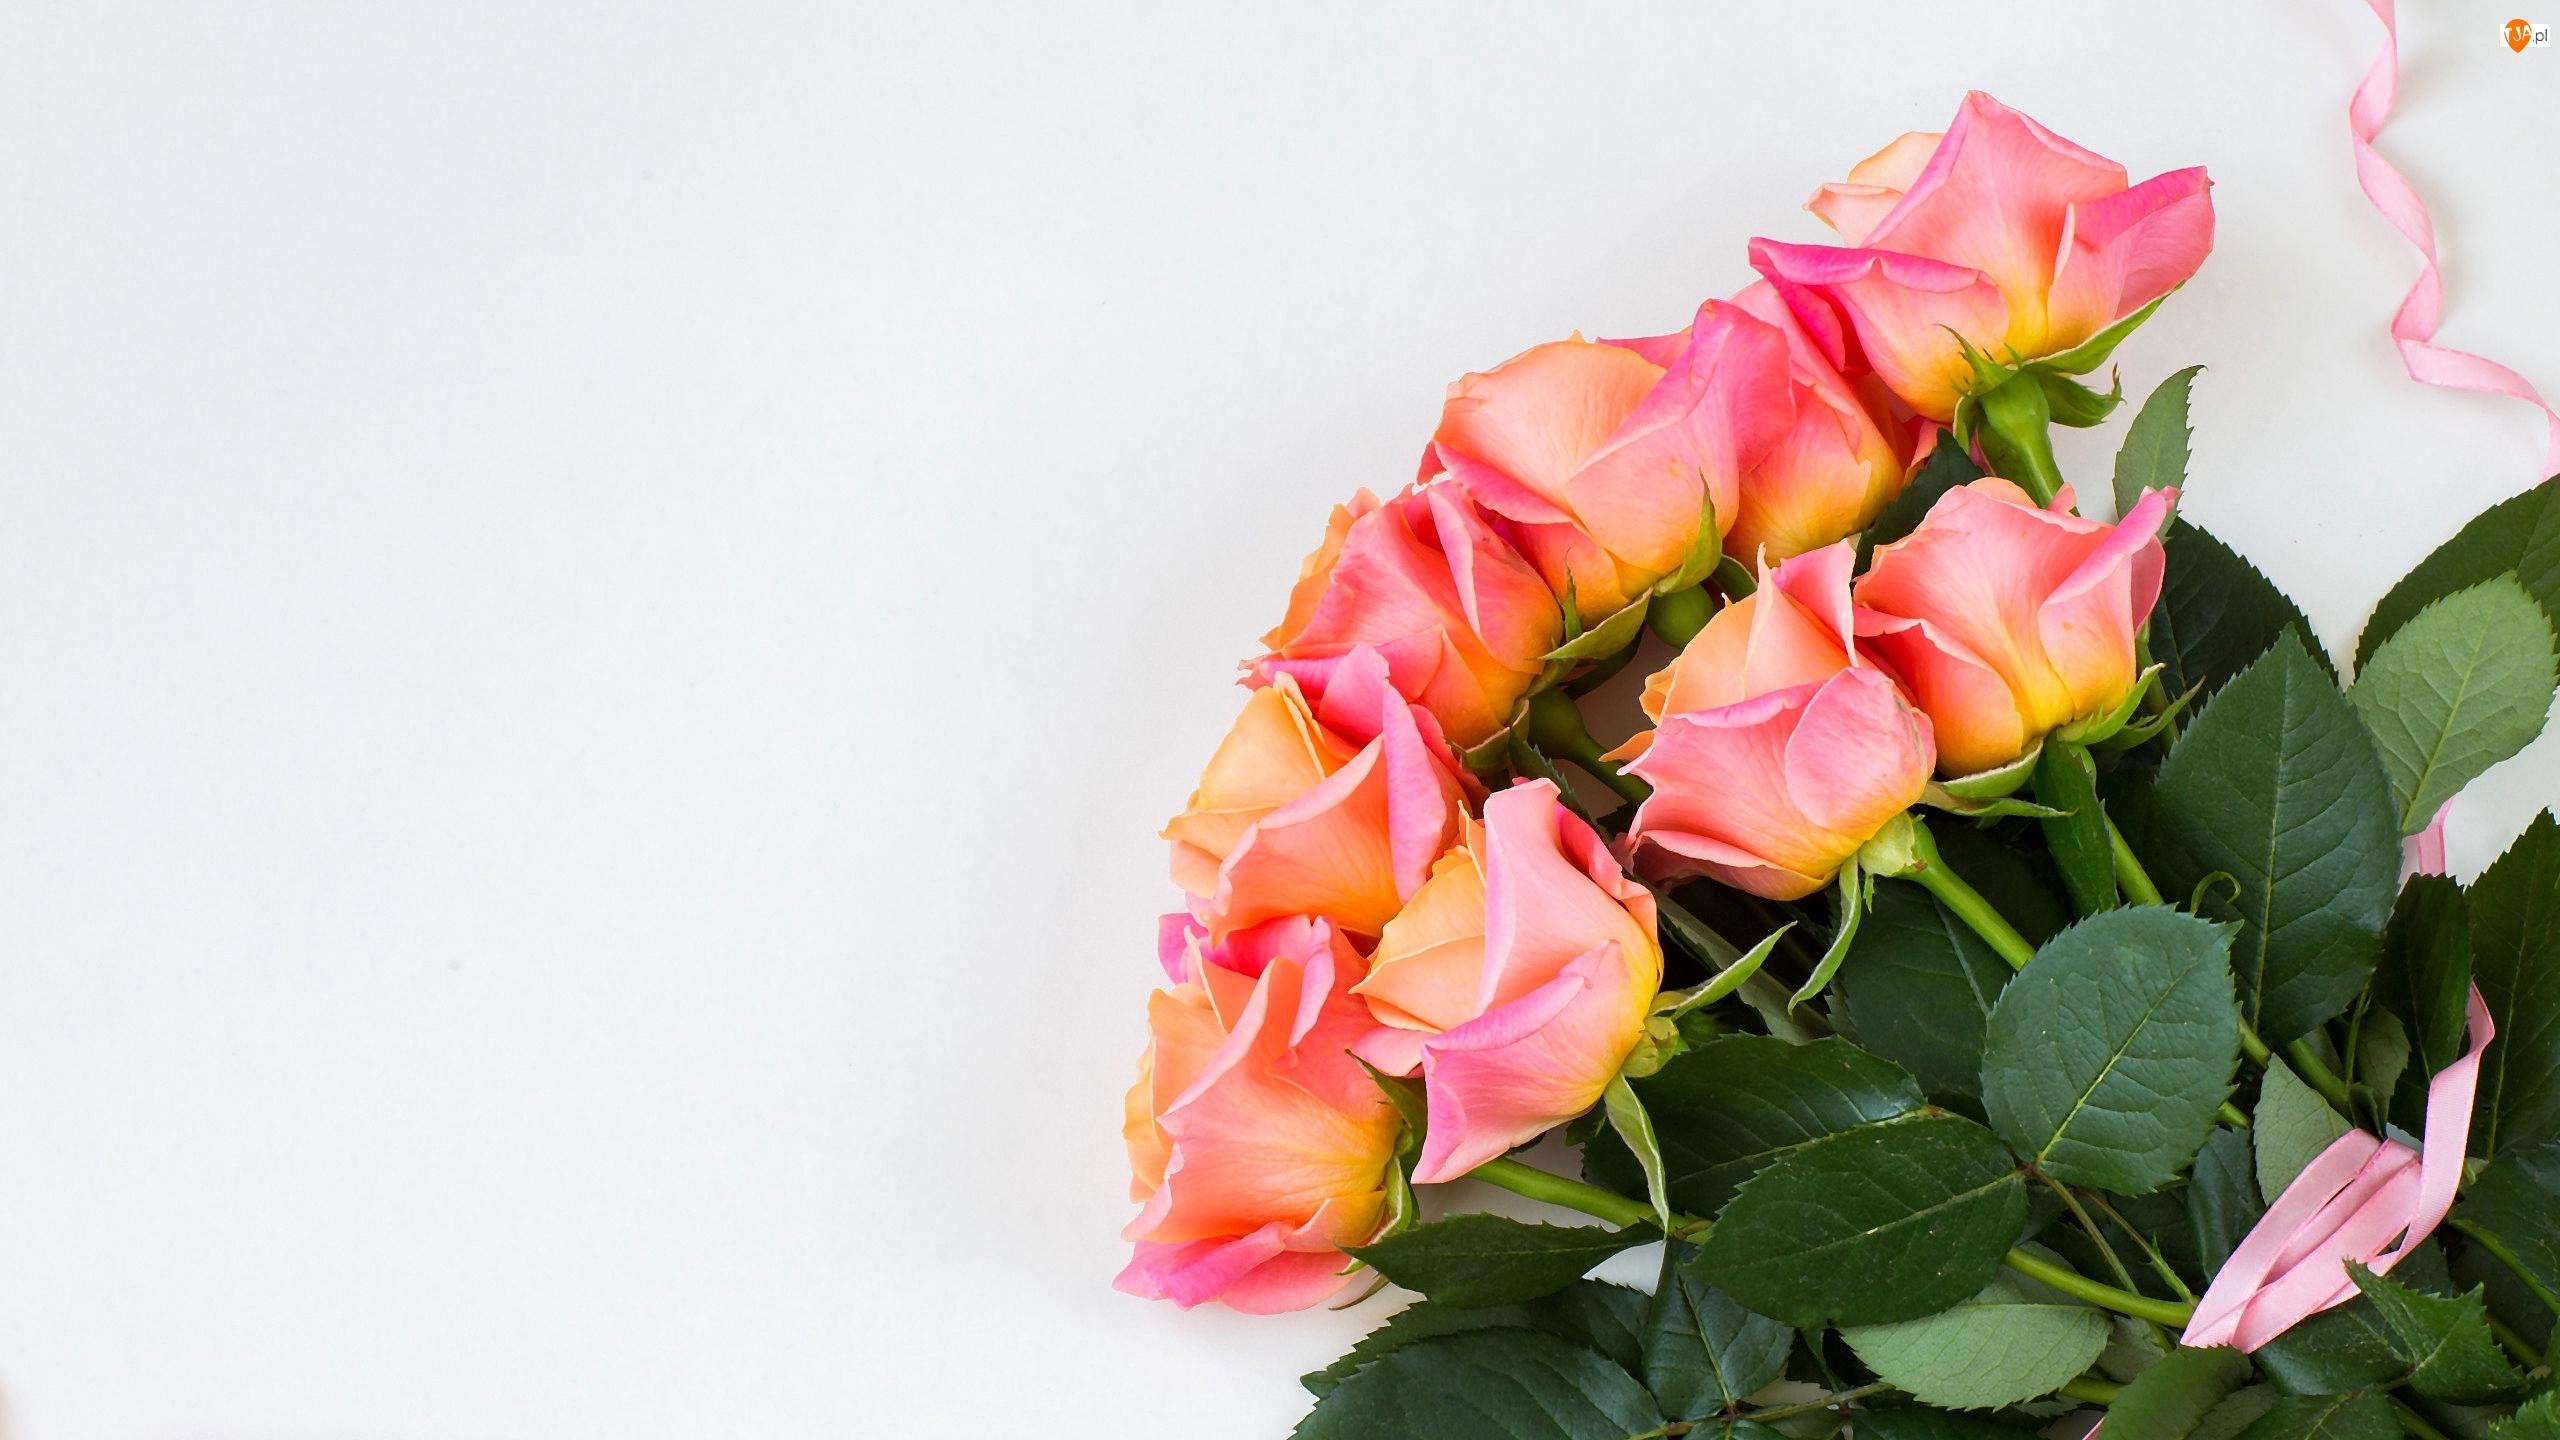 Wstążka, Róże, Bukiet, Różowa